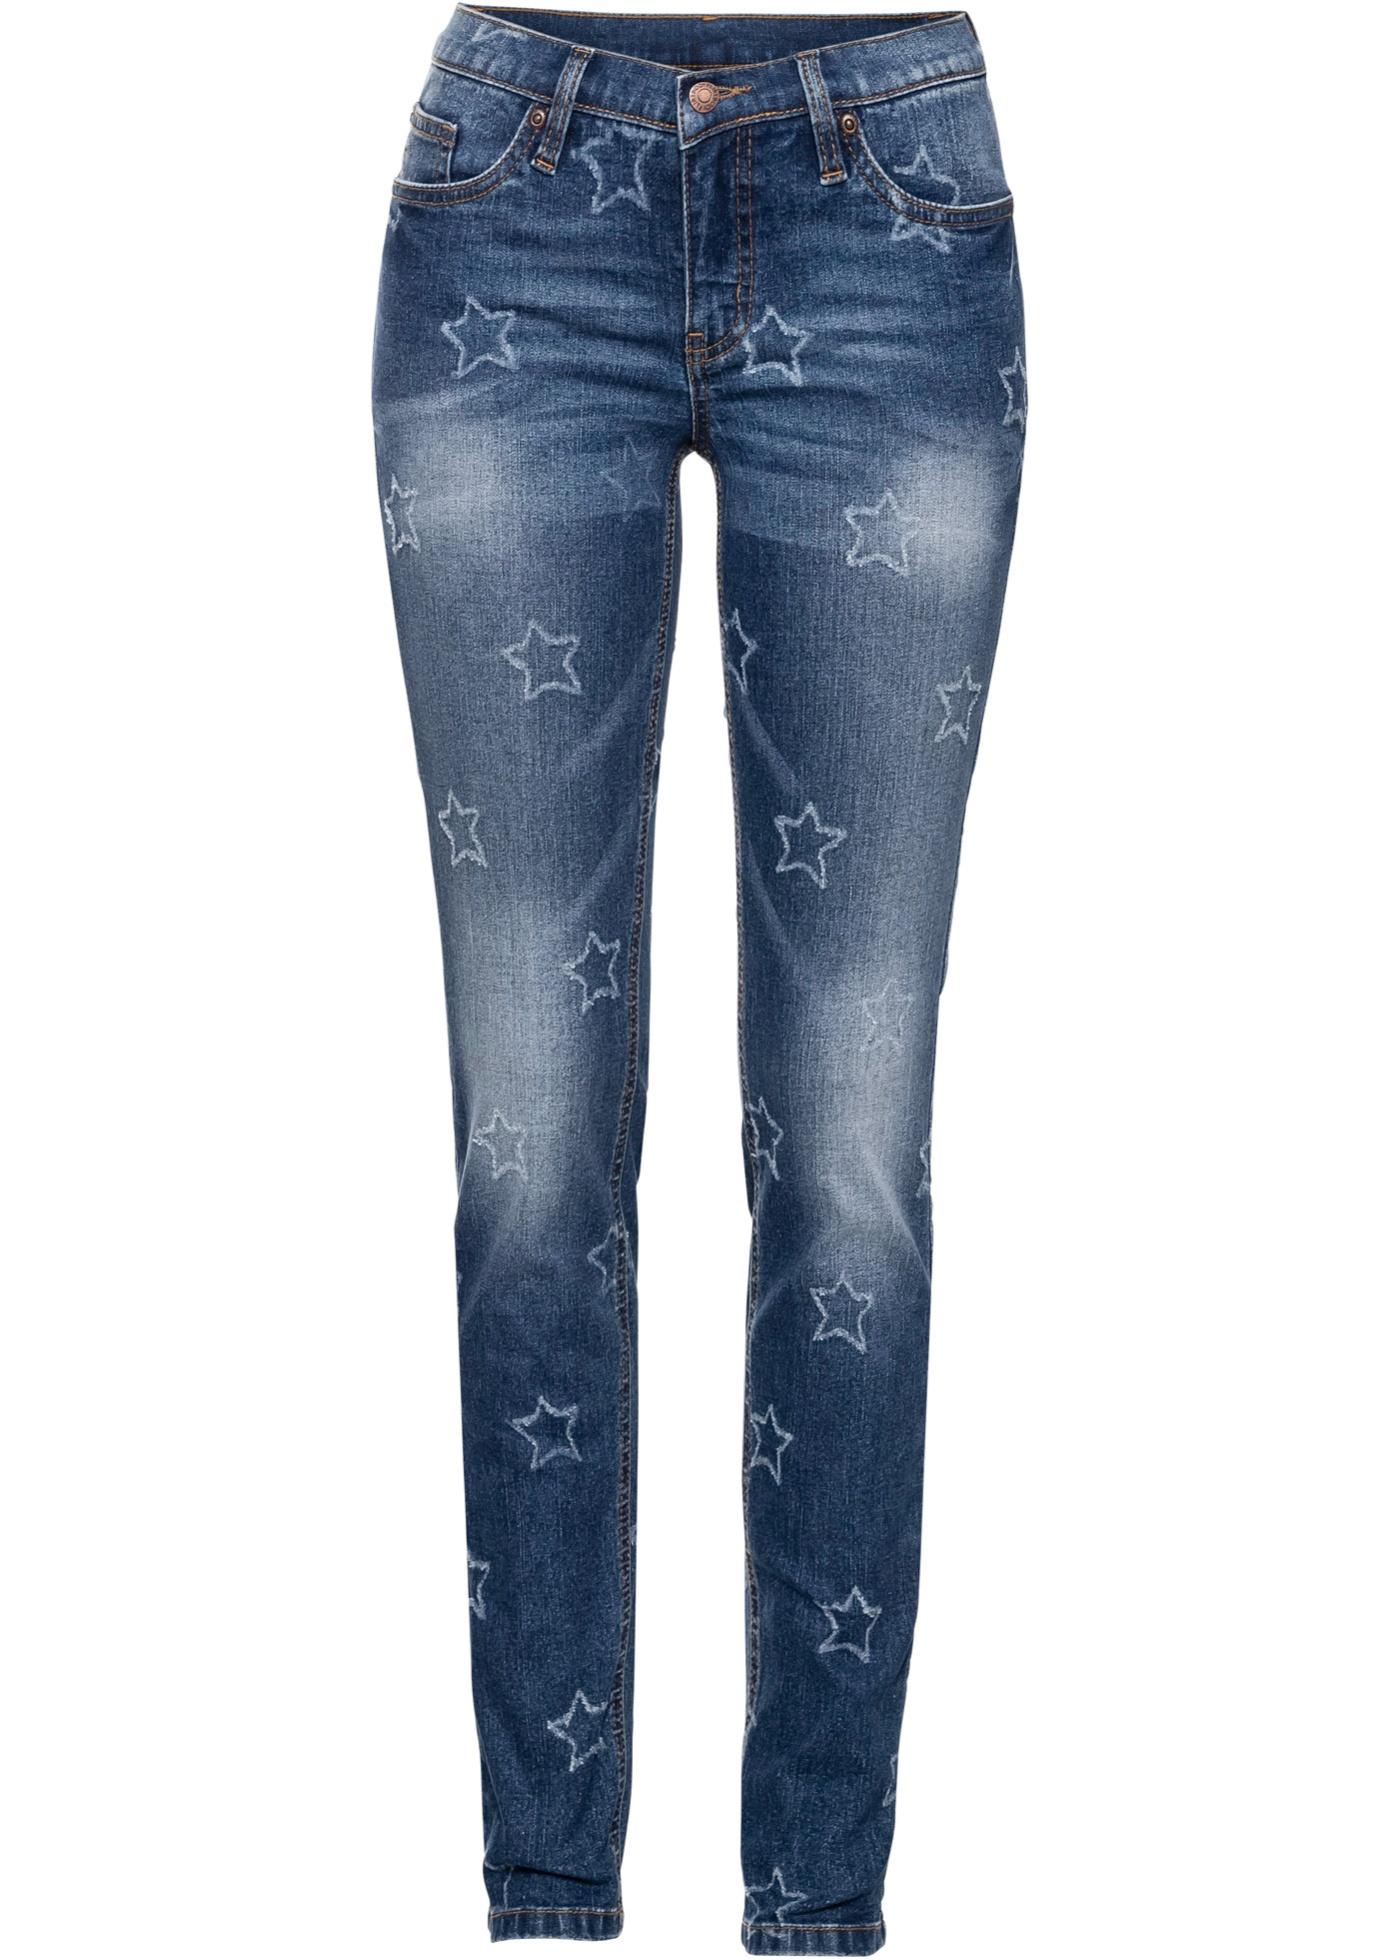 Bonprix - Jeans med destroyed stj?¤rnor 299.00